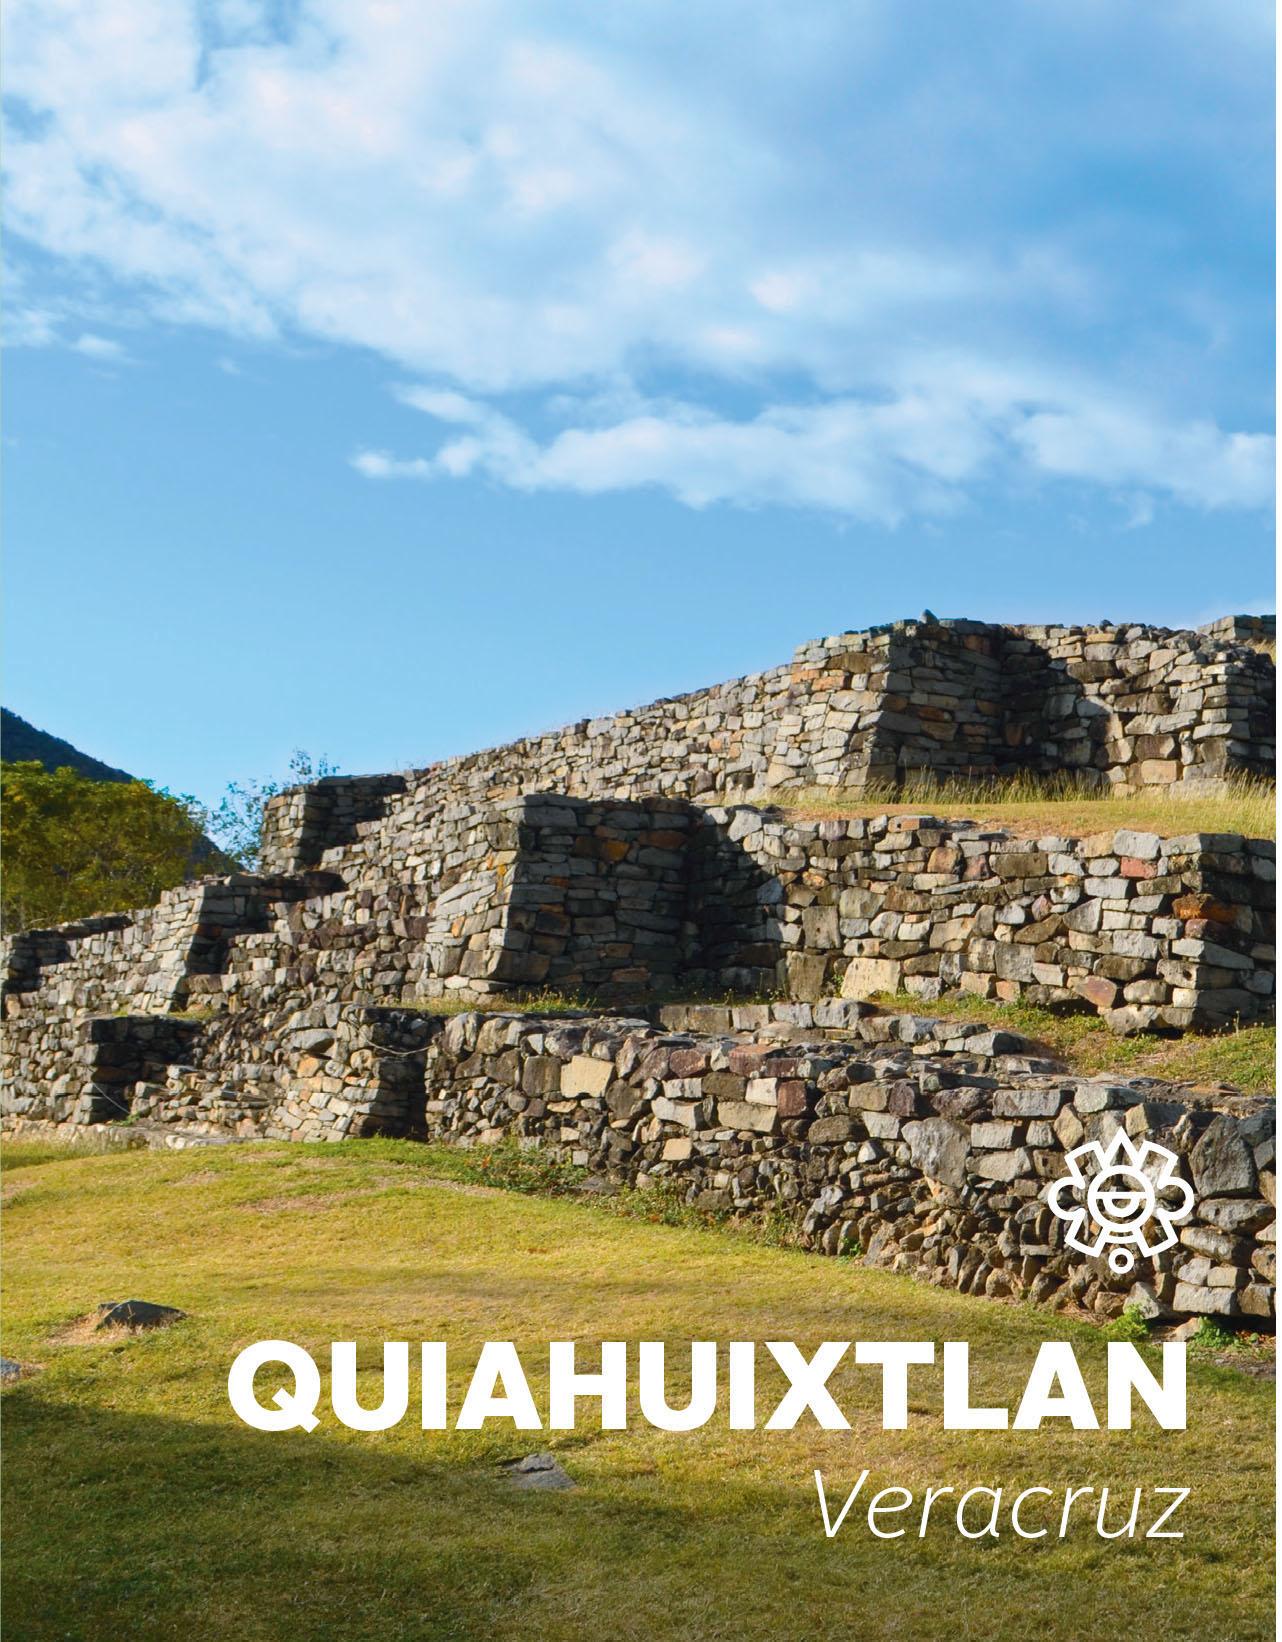 Quiahuixtlan